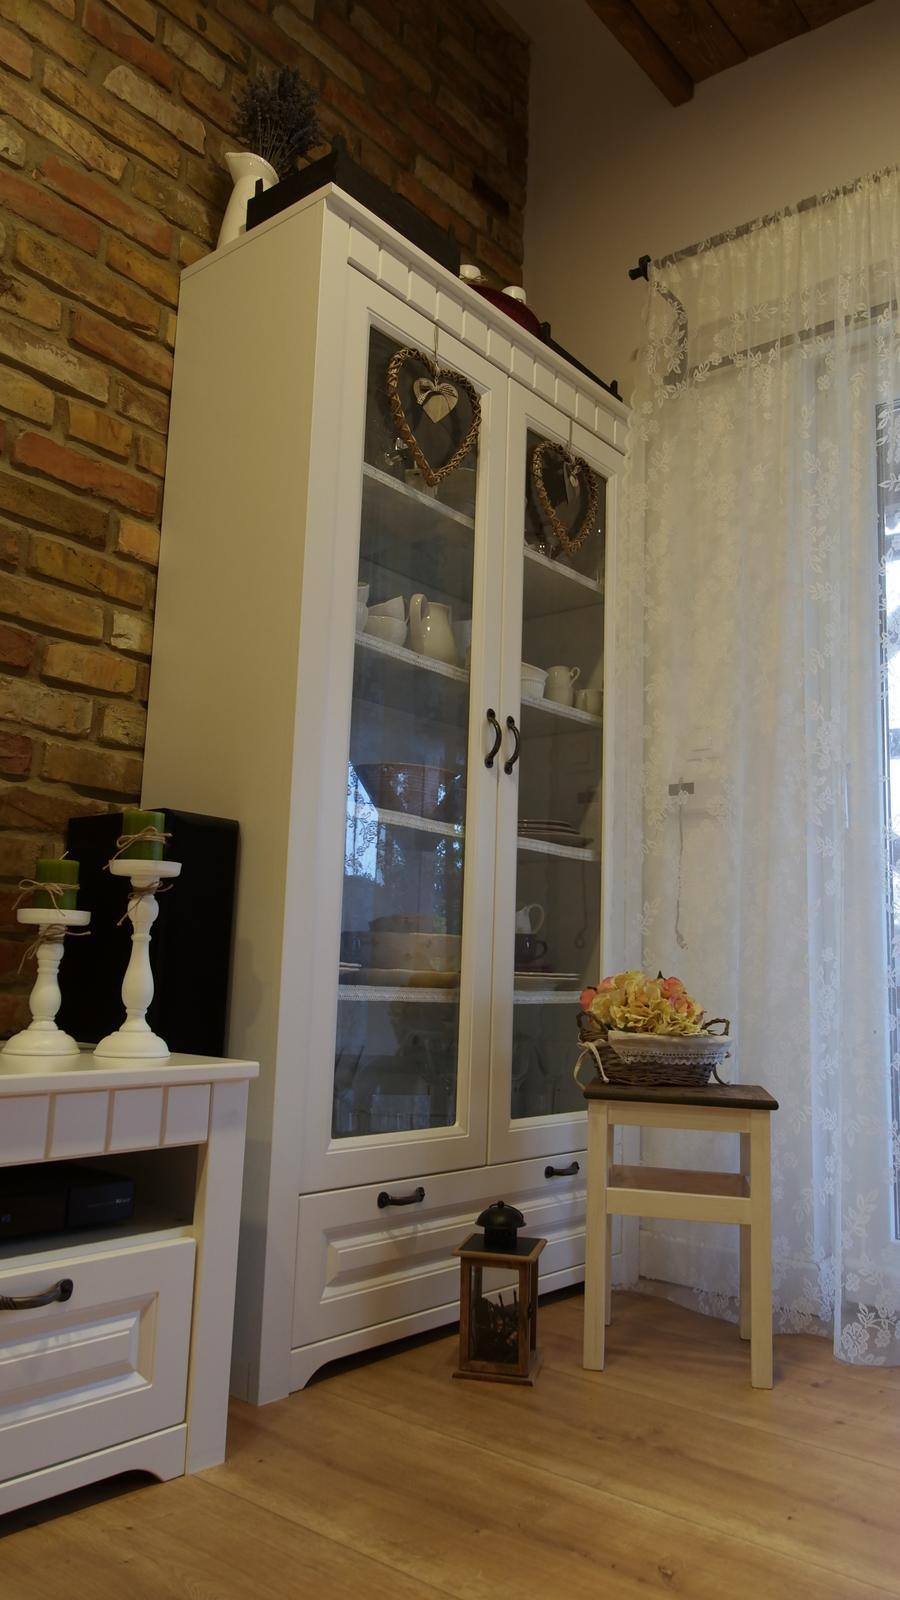 Náš domček ♡ Bramasole ♡ ... Stilo interiér aj exteriér 3. rok bývania - Obrázok č. 5